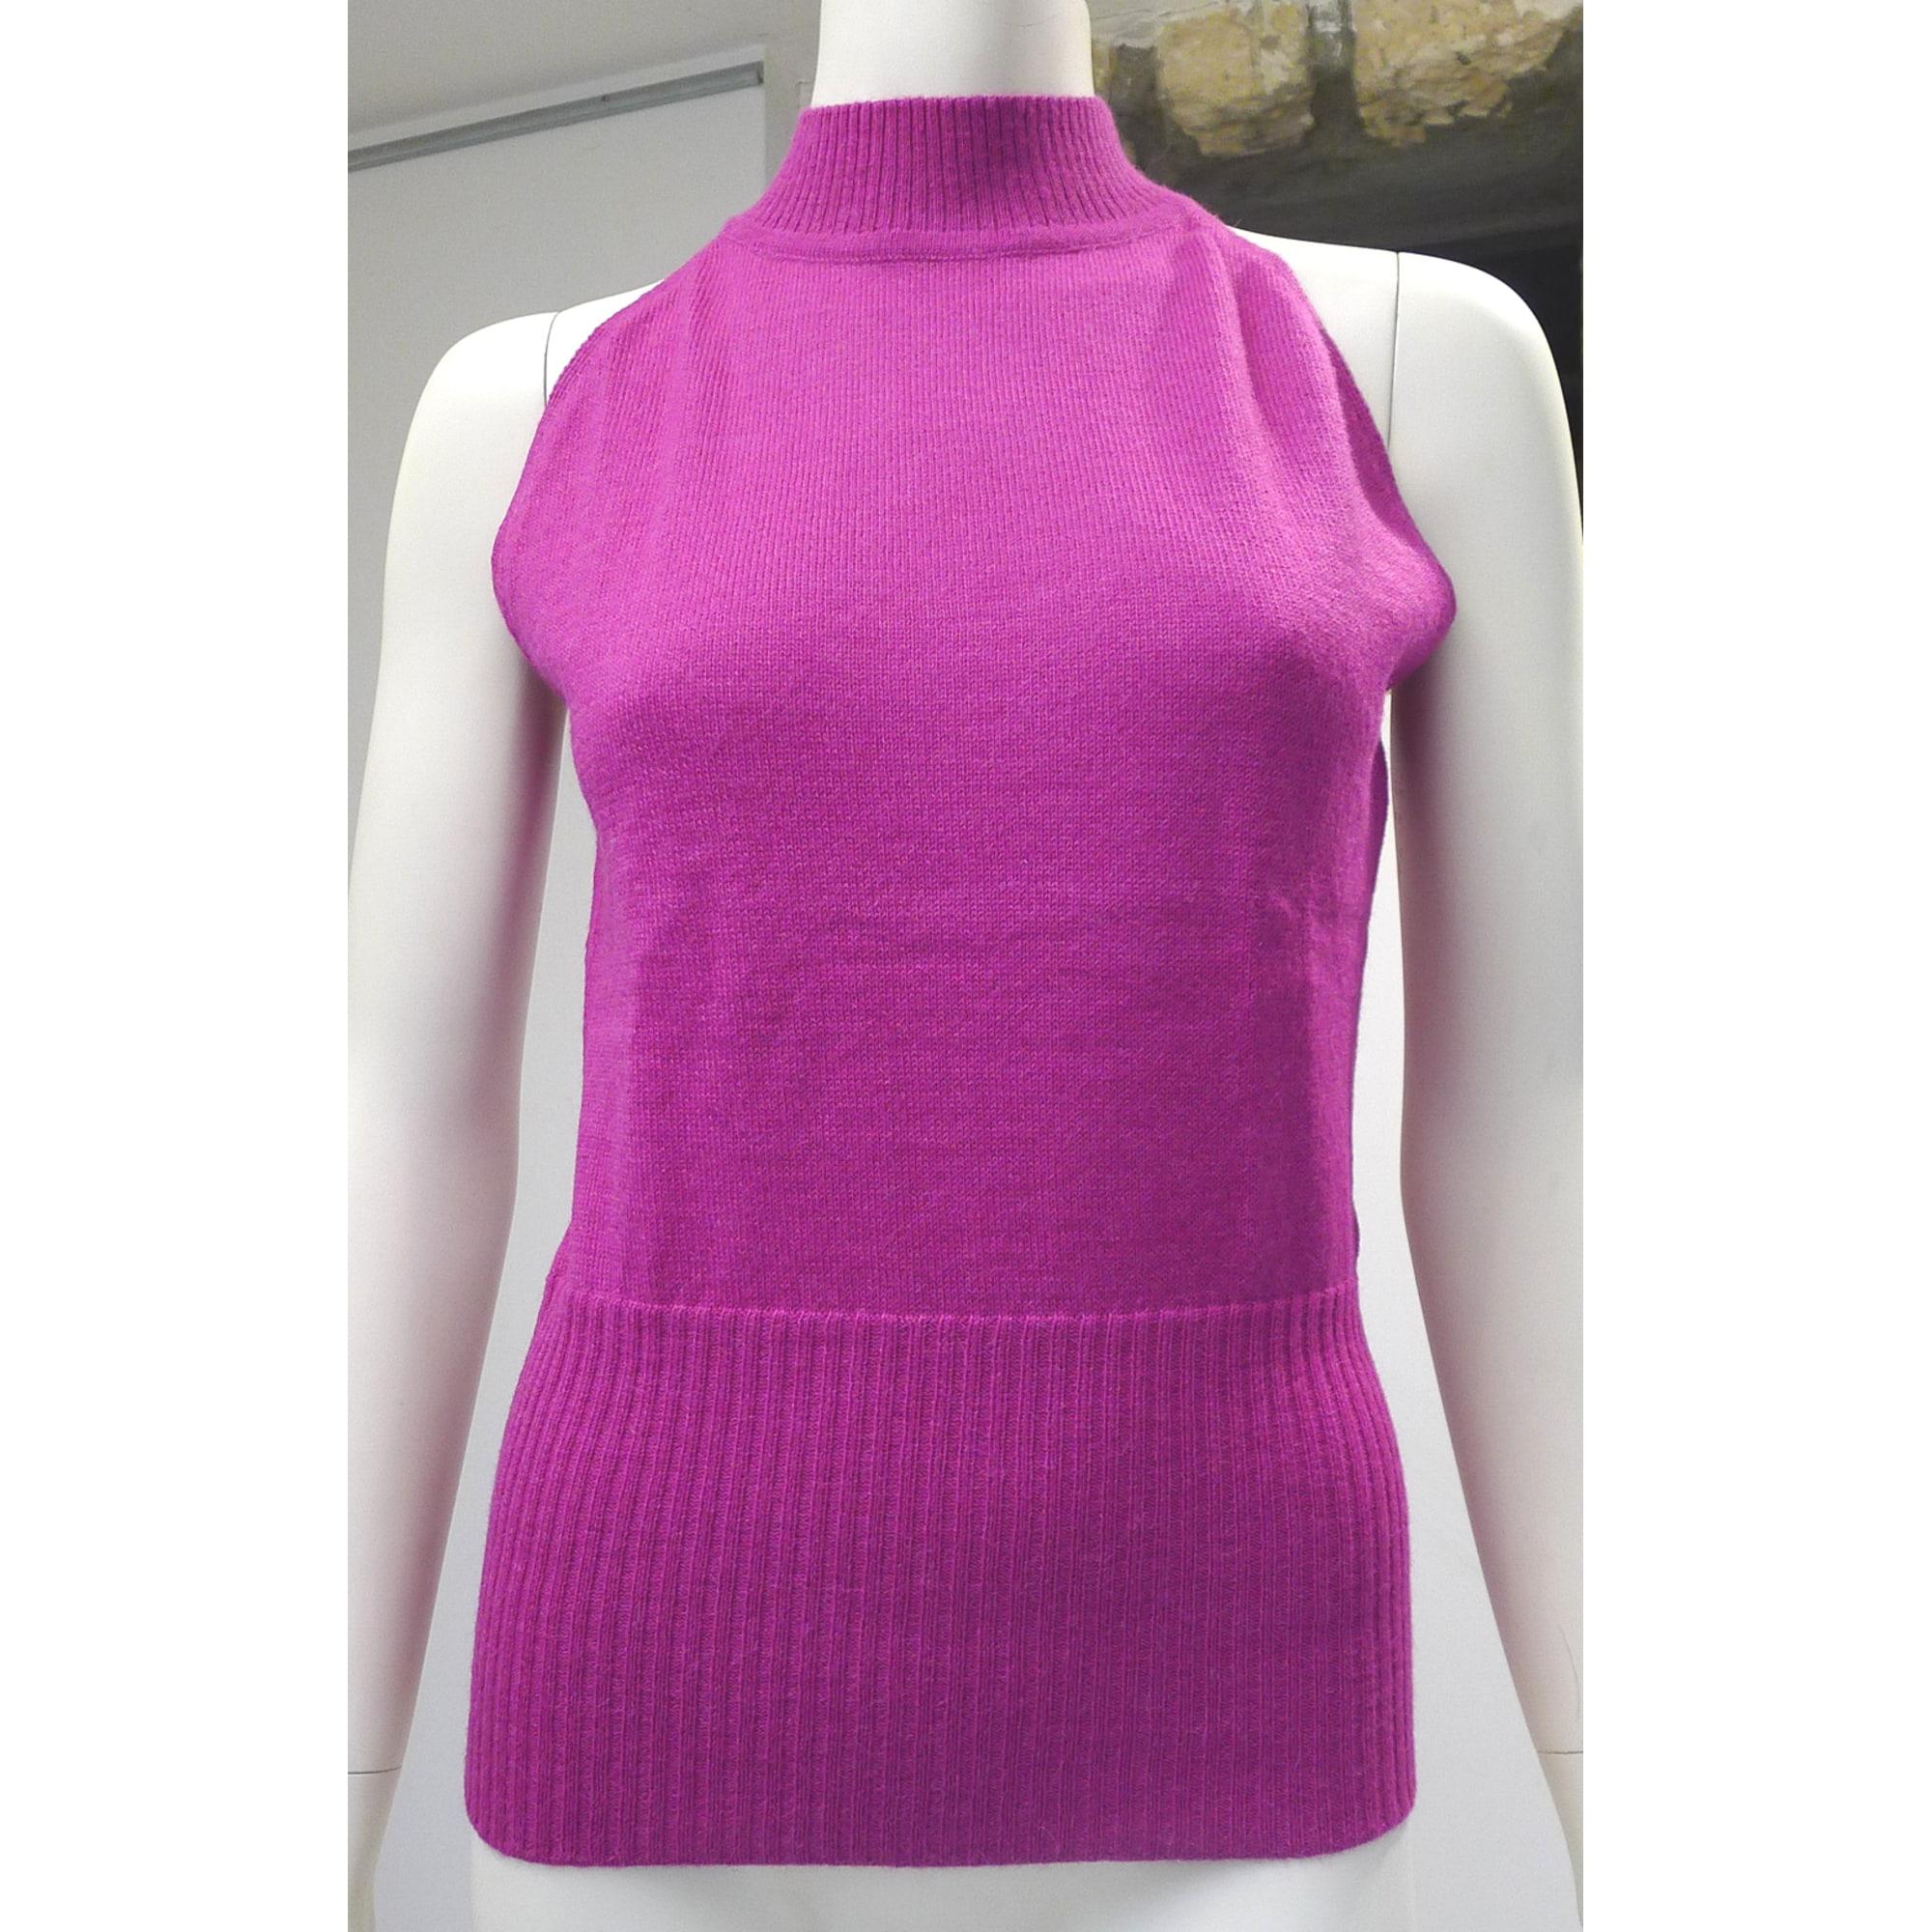 Top, tee-shirt PROSUR Violet, mauve, lavande